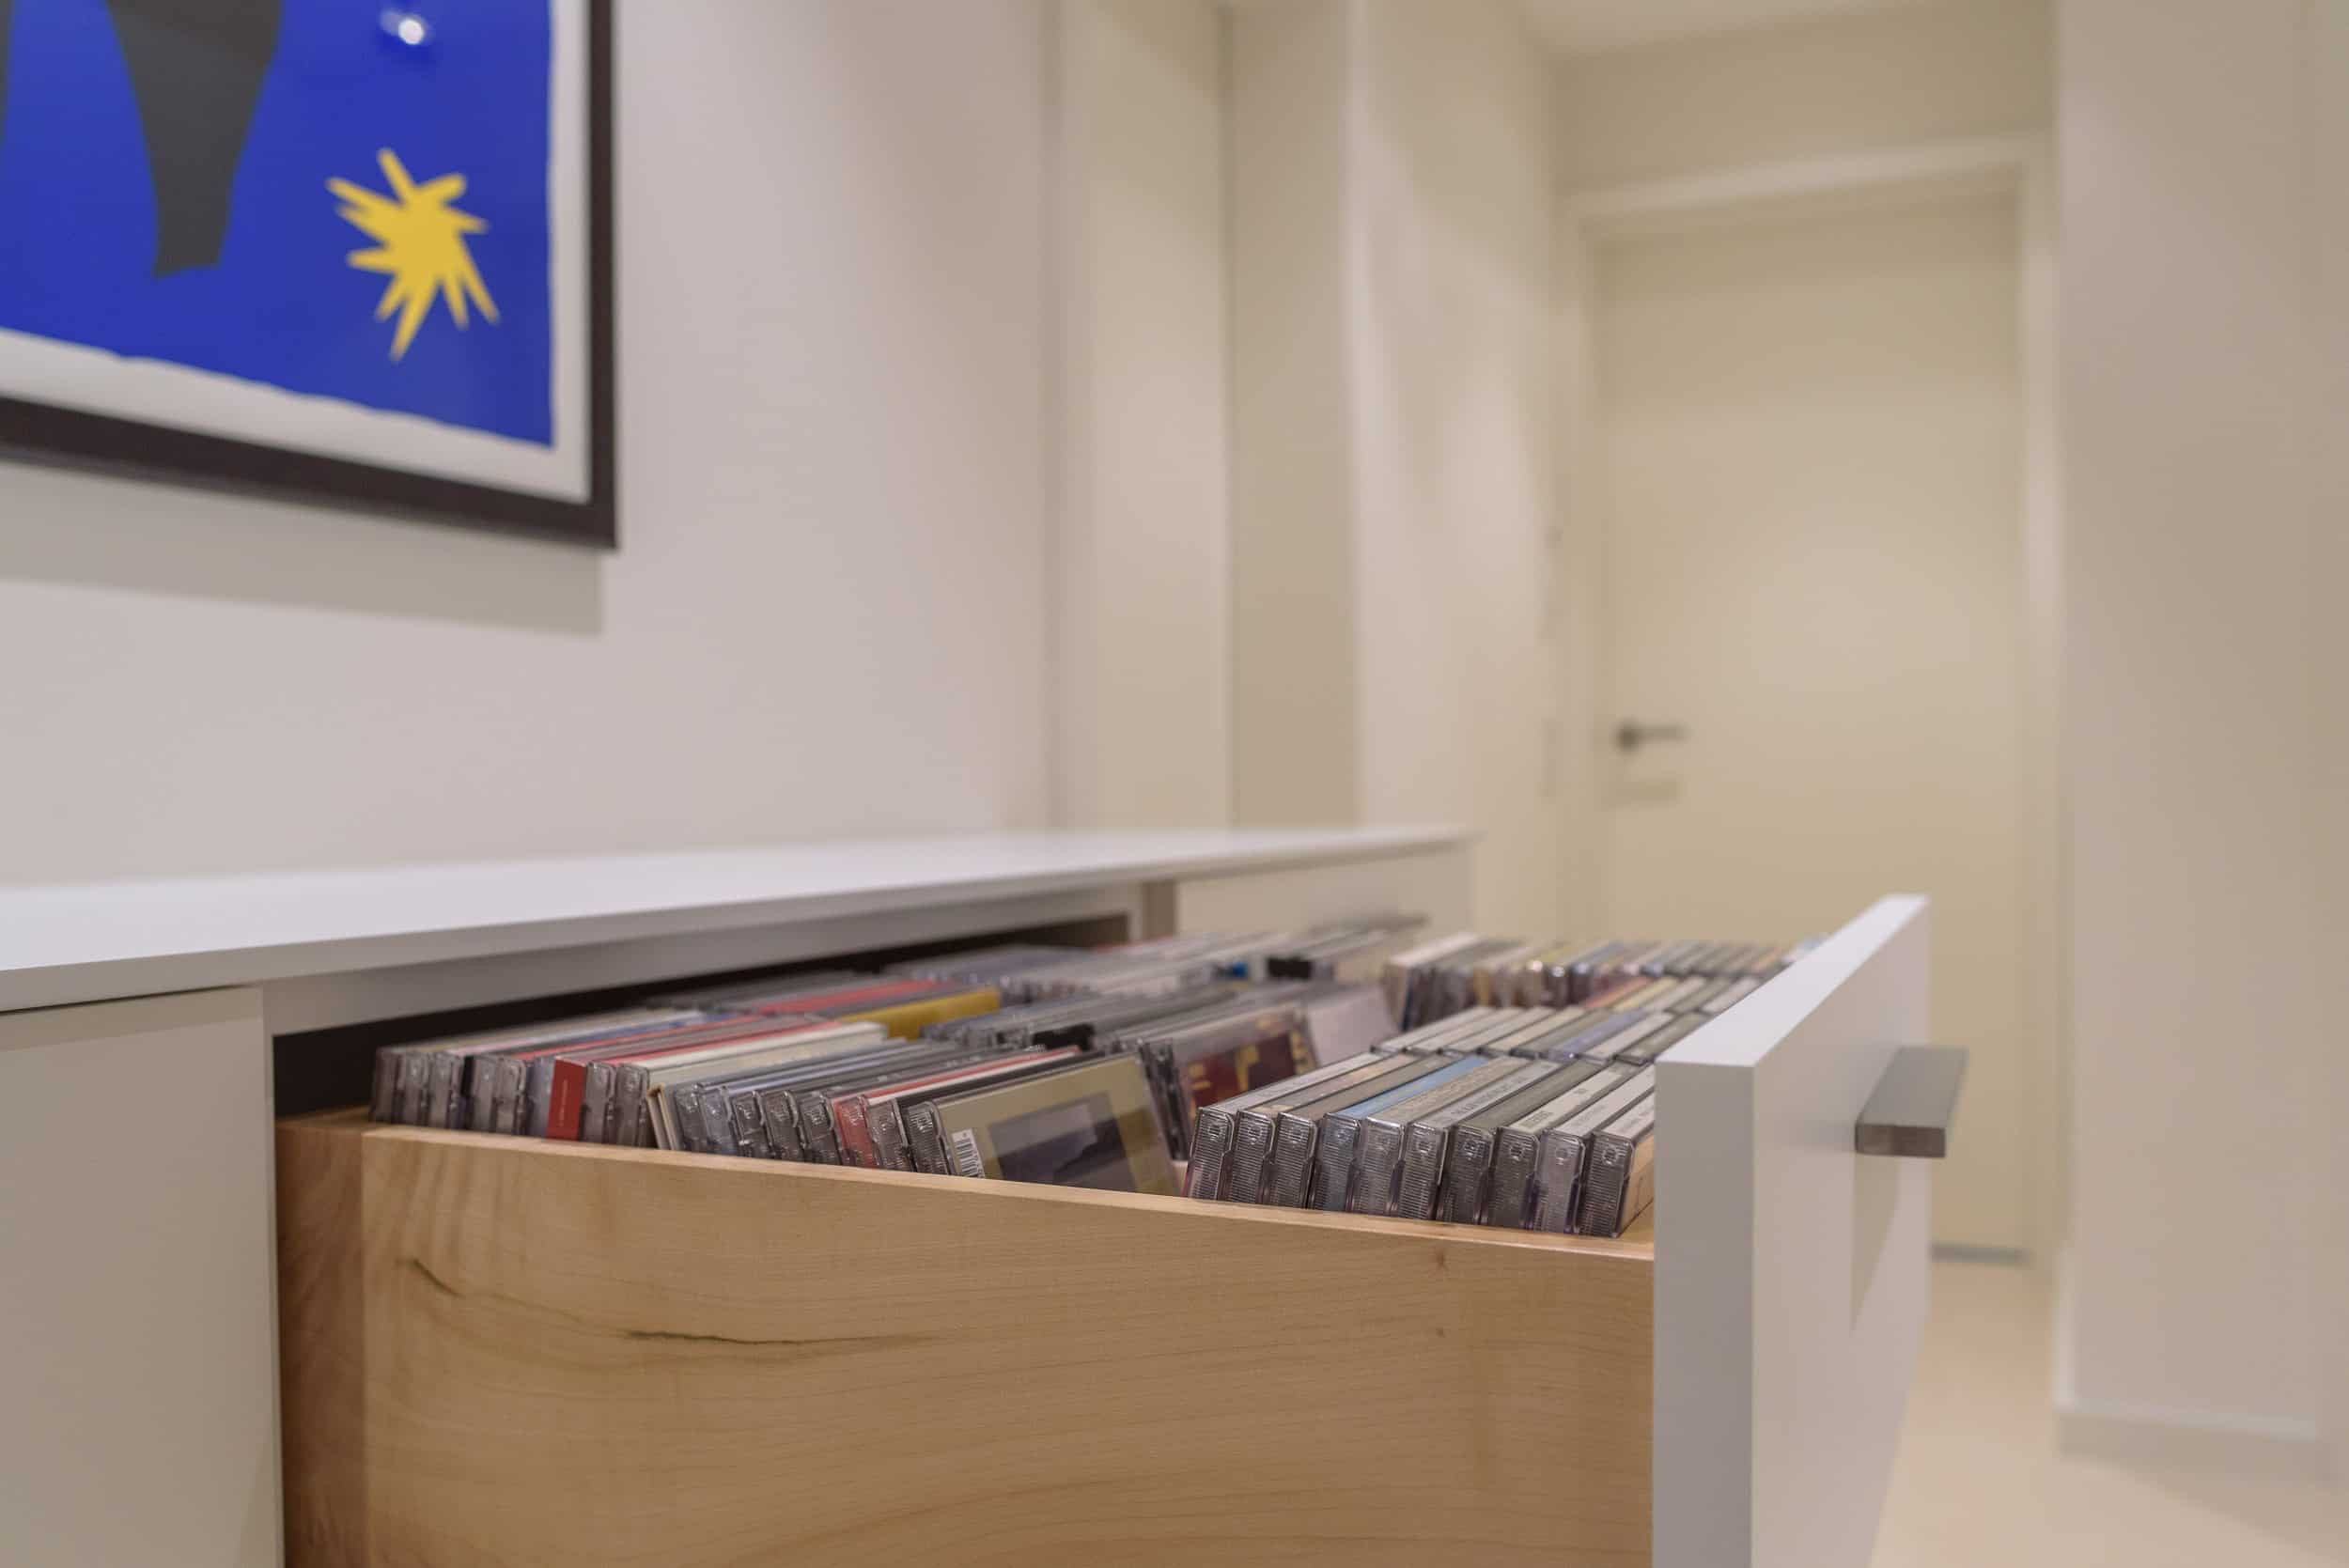 Schlichtes Sideboard mit CD und DVD Einschüben, Medien-SideboardSchlichtes Sideboard mit CD und DVD Einschüben, Medien-Sideboard